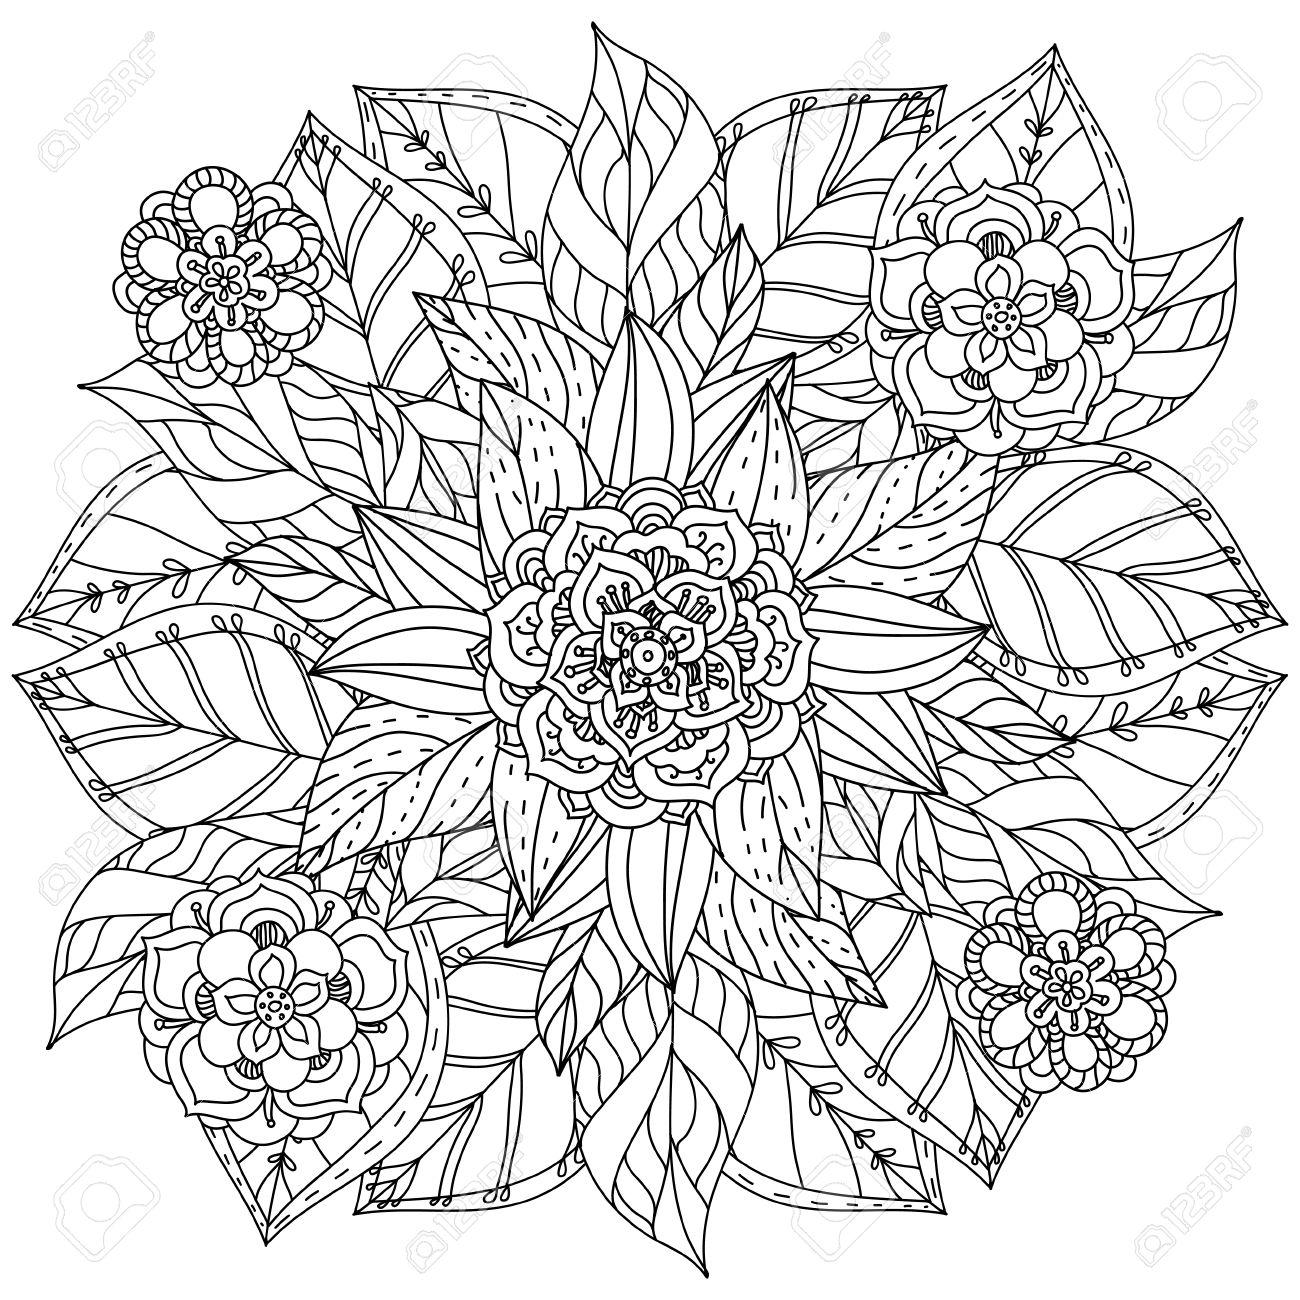 Coloriage Fleur Zen.Fleurs De Forme De Mandala Profilees Pour Adulte Livre De Coloriage